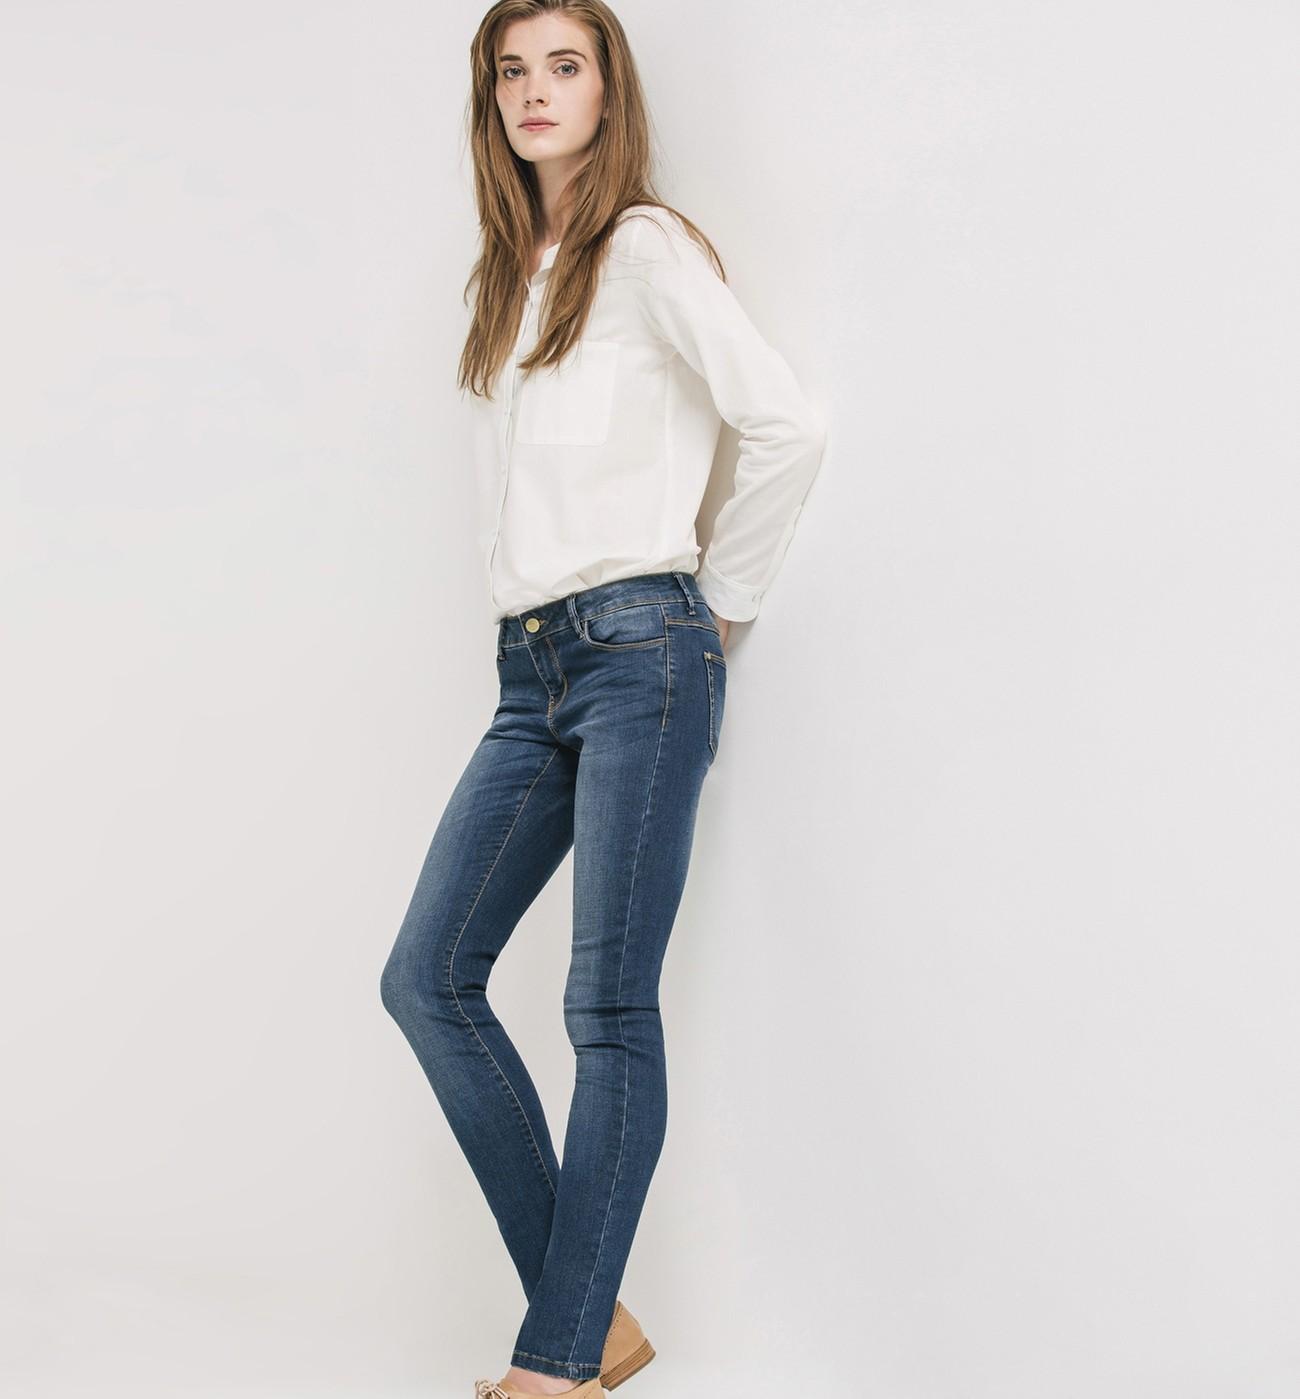 Le jean femme parfait rien que pour moi